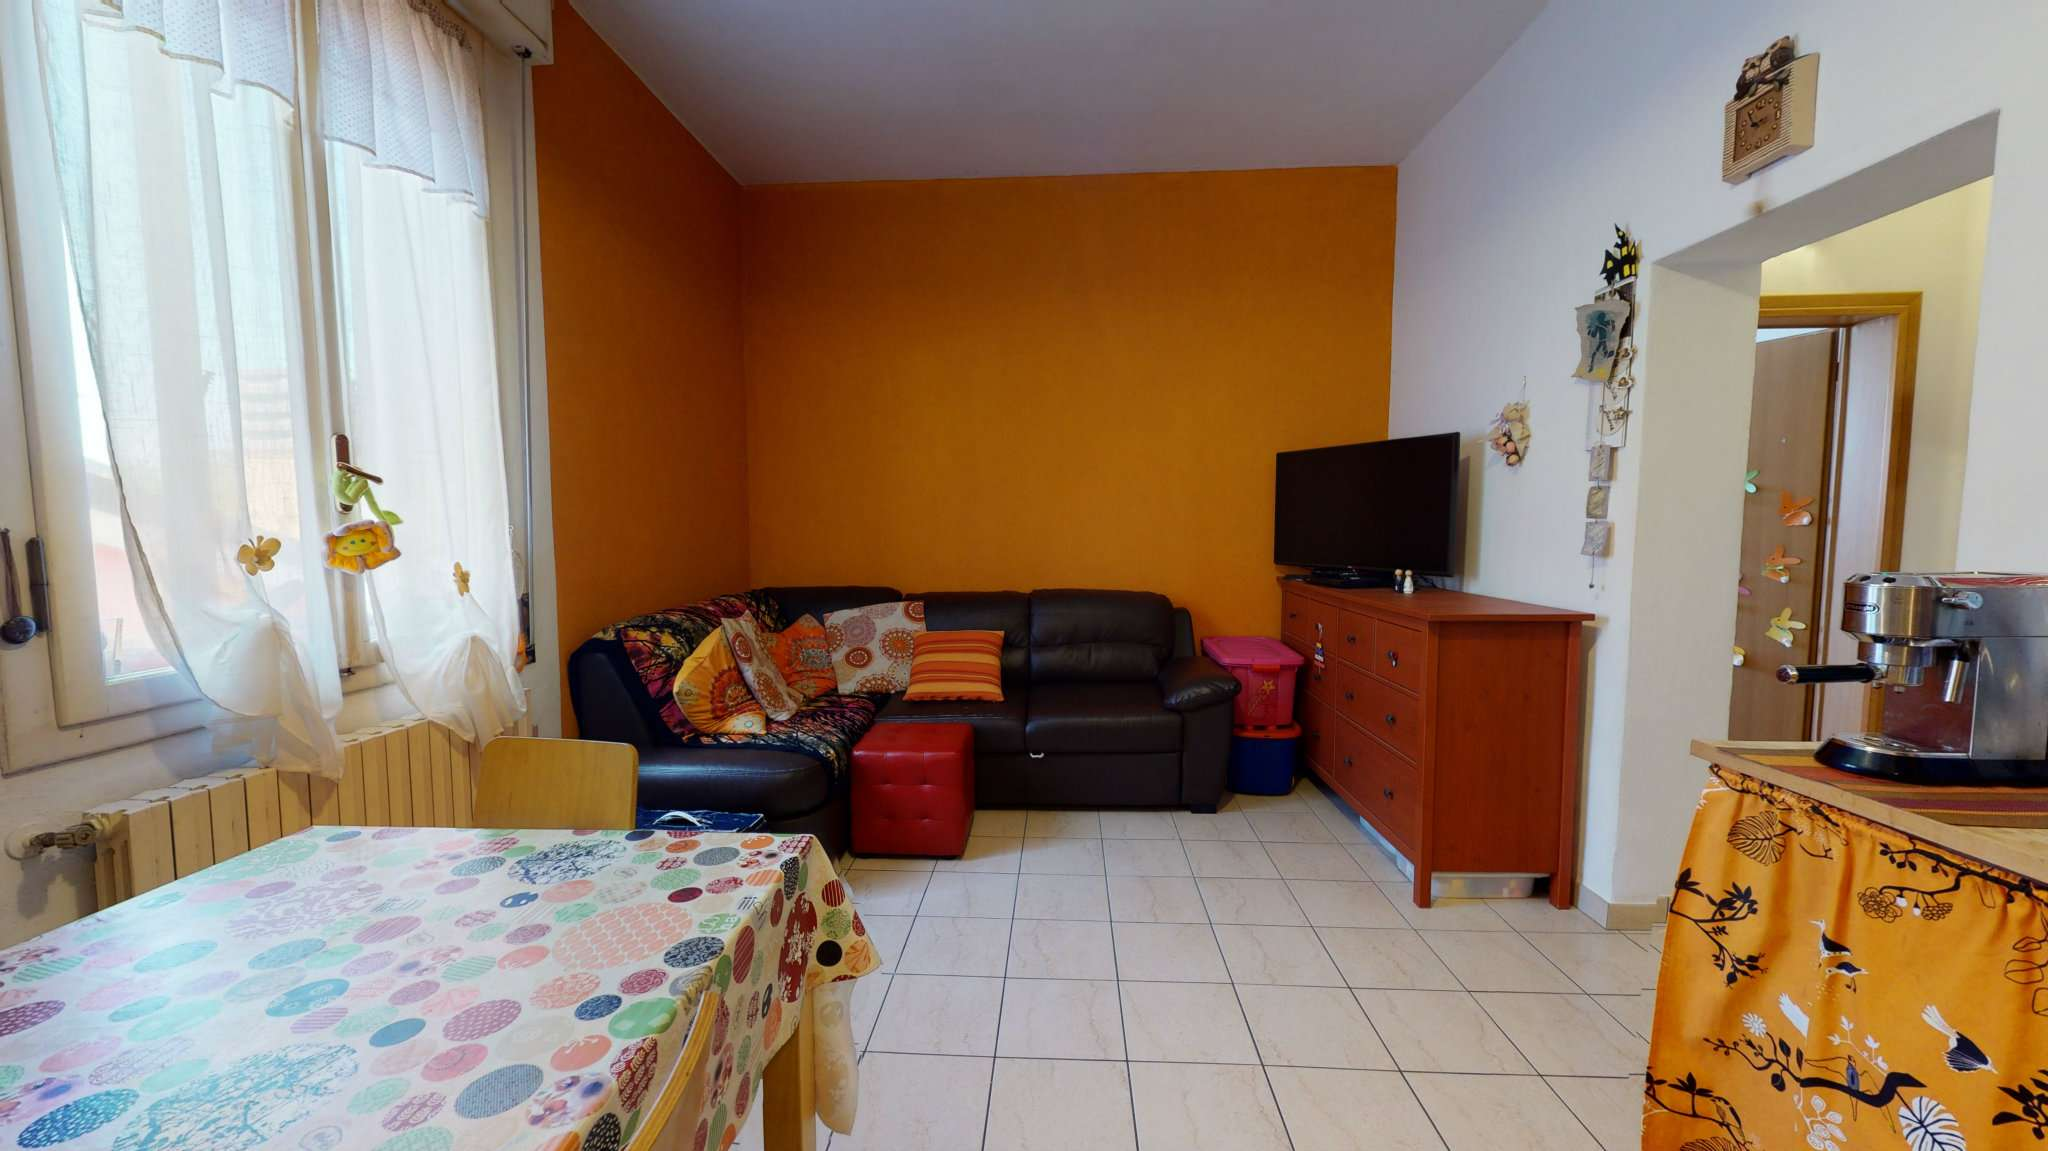 Appartamento in vendita a Imola, 3 locali, prezzo € 104.000   CambioCasa.it